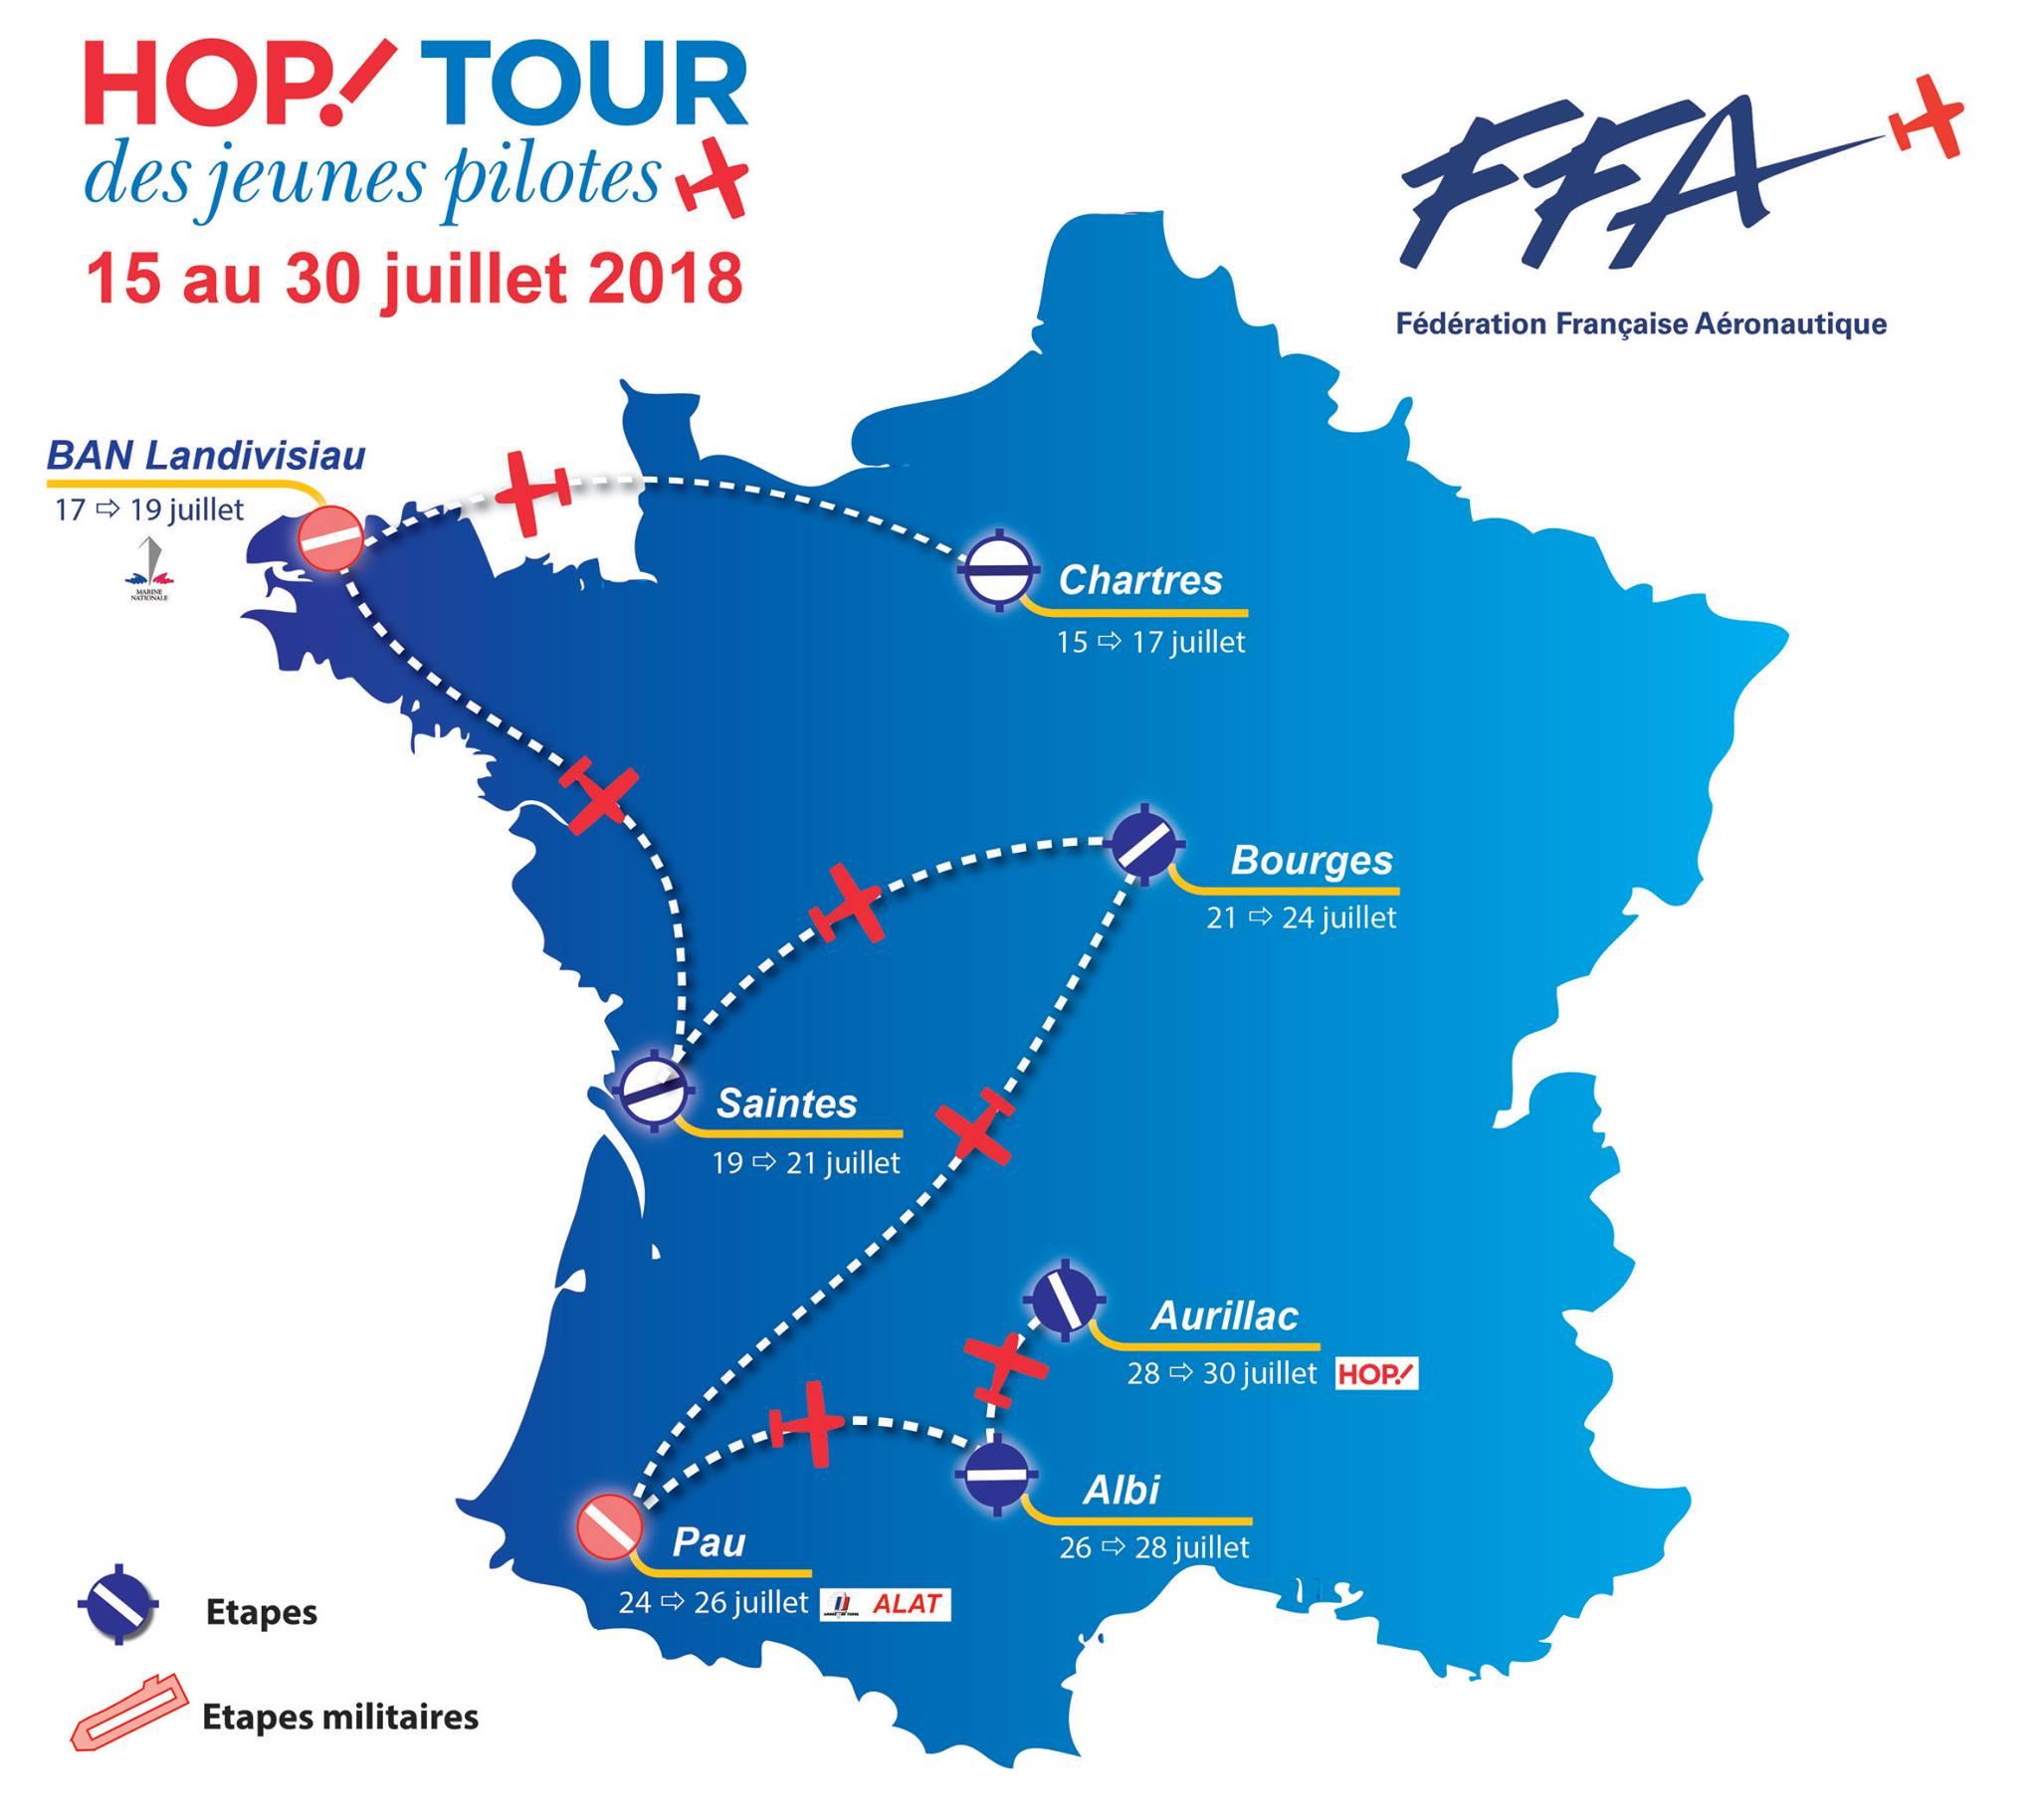 HOP! Tour des Jeunes Pilotes 2018